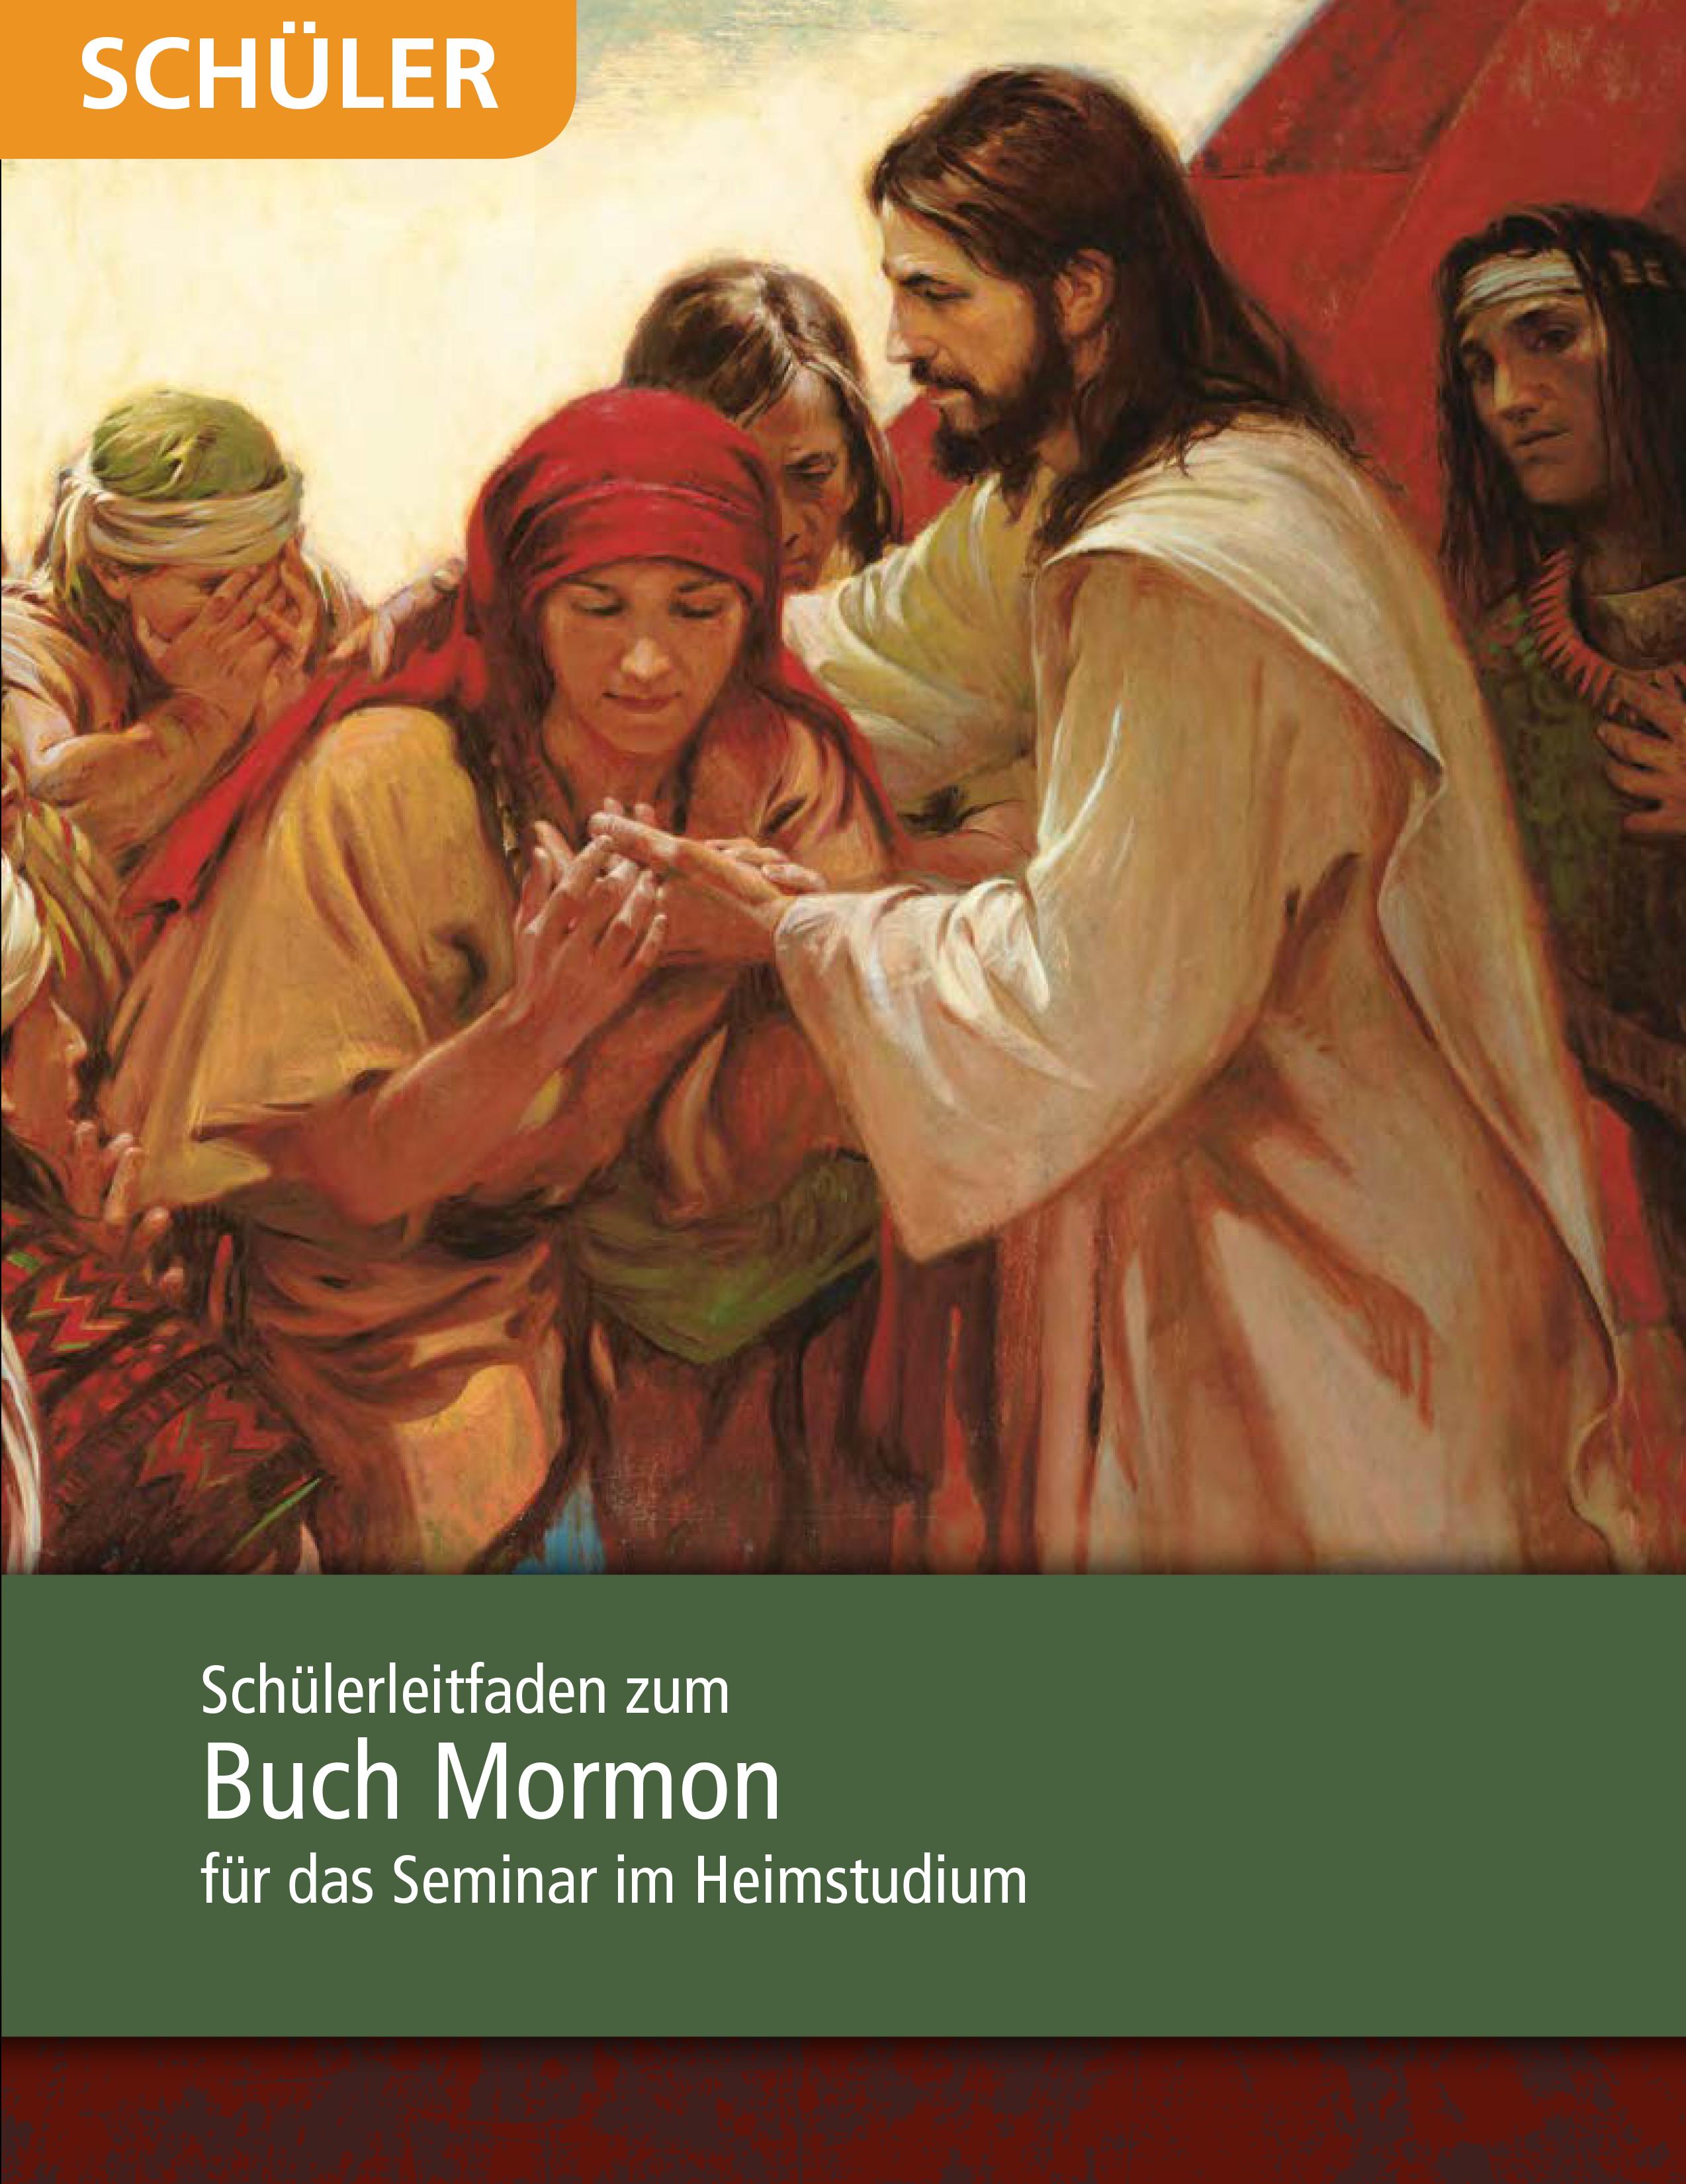 Das Buch Mormon: Schülerleitfaden für das Seminar im Heimstudium